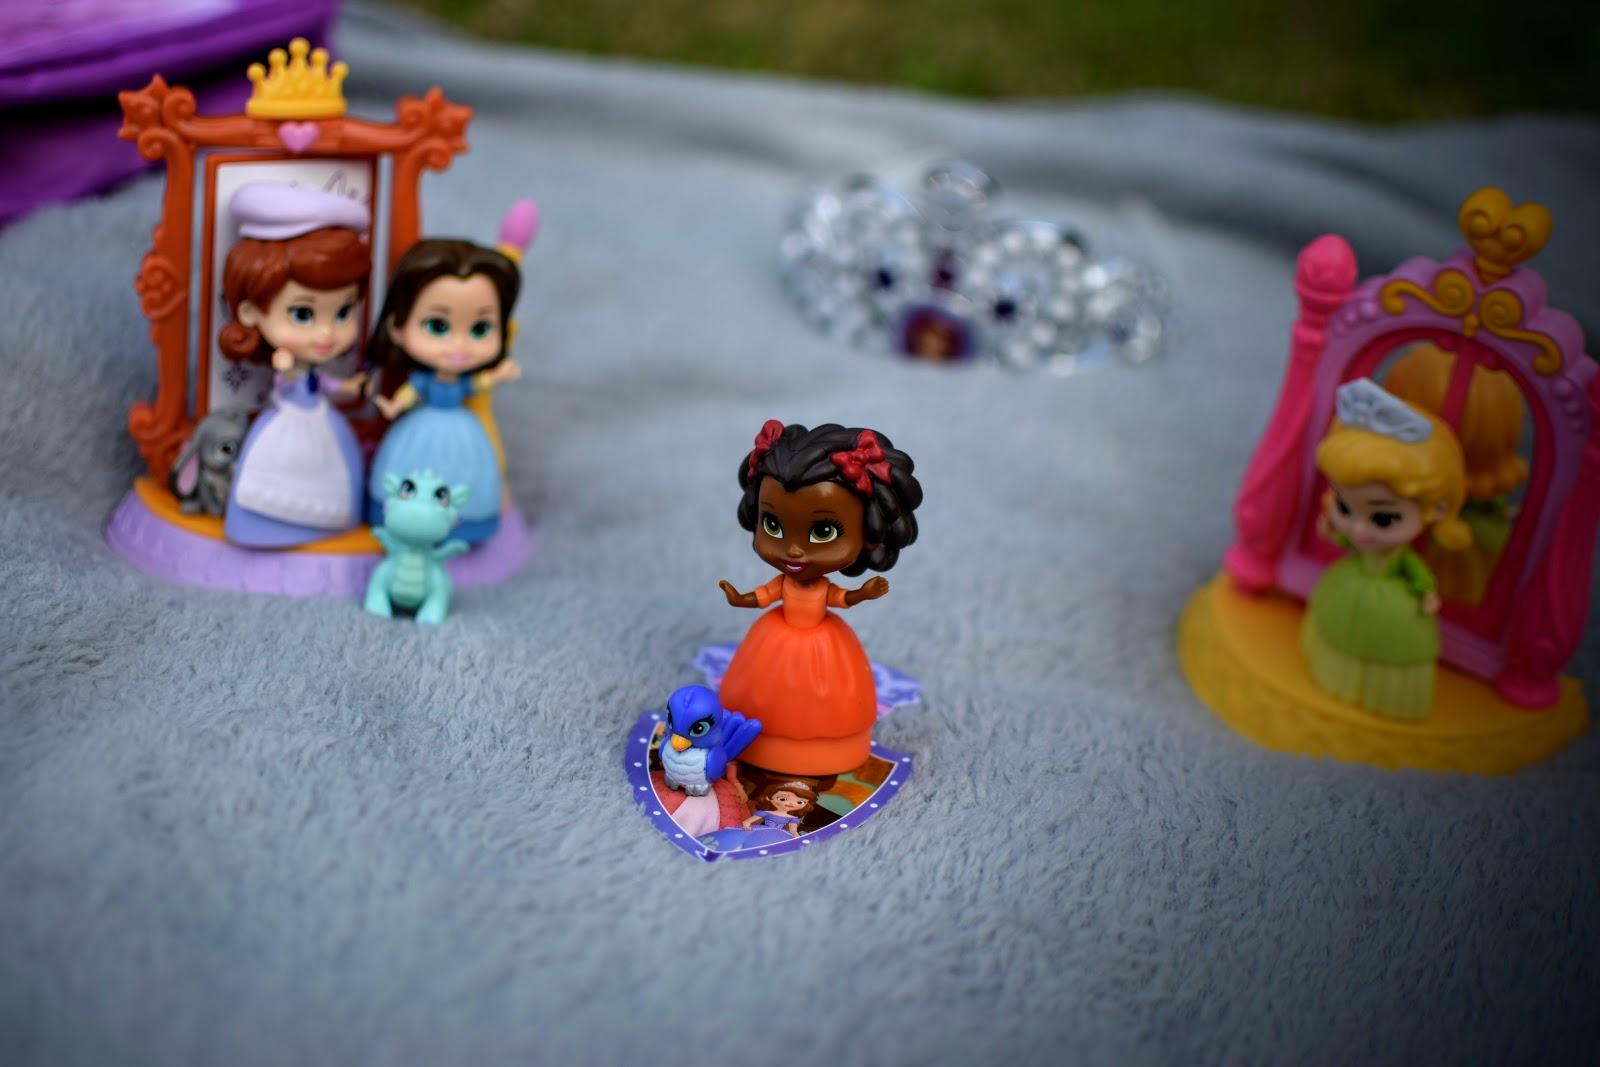 princess sofia toys